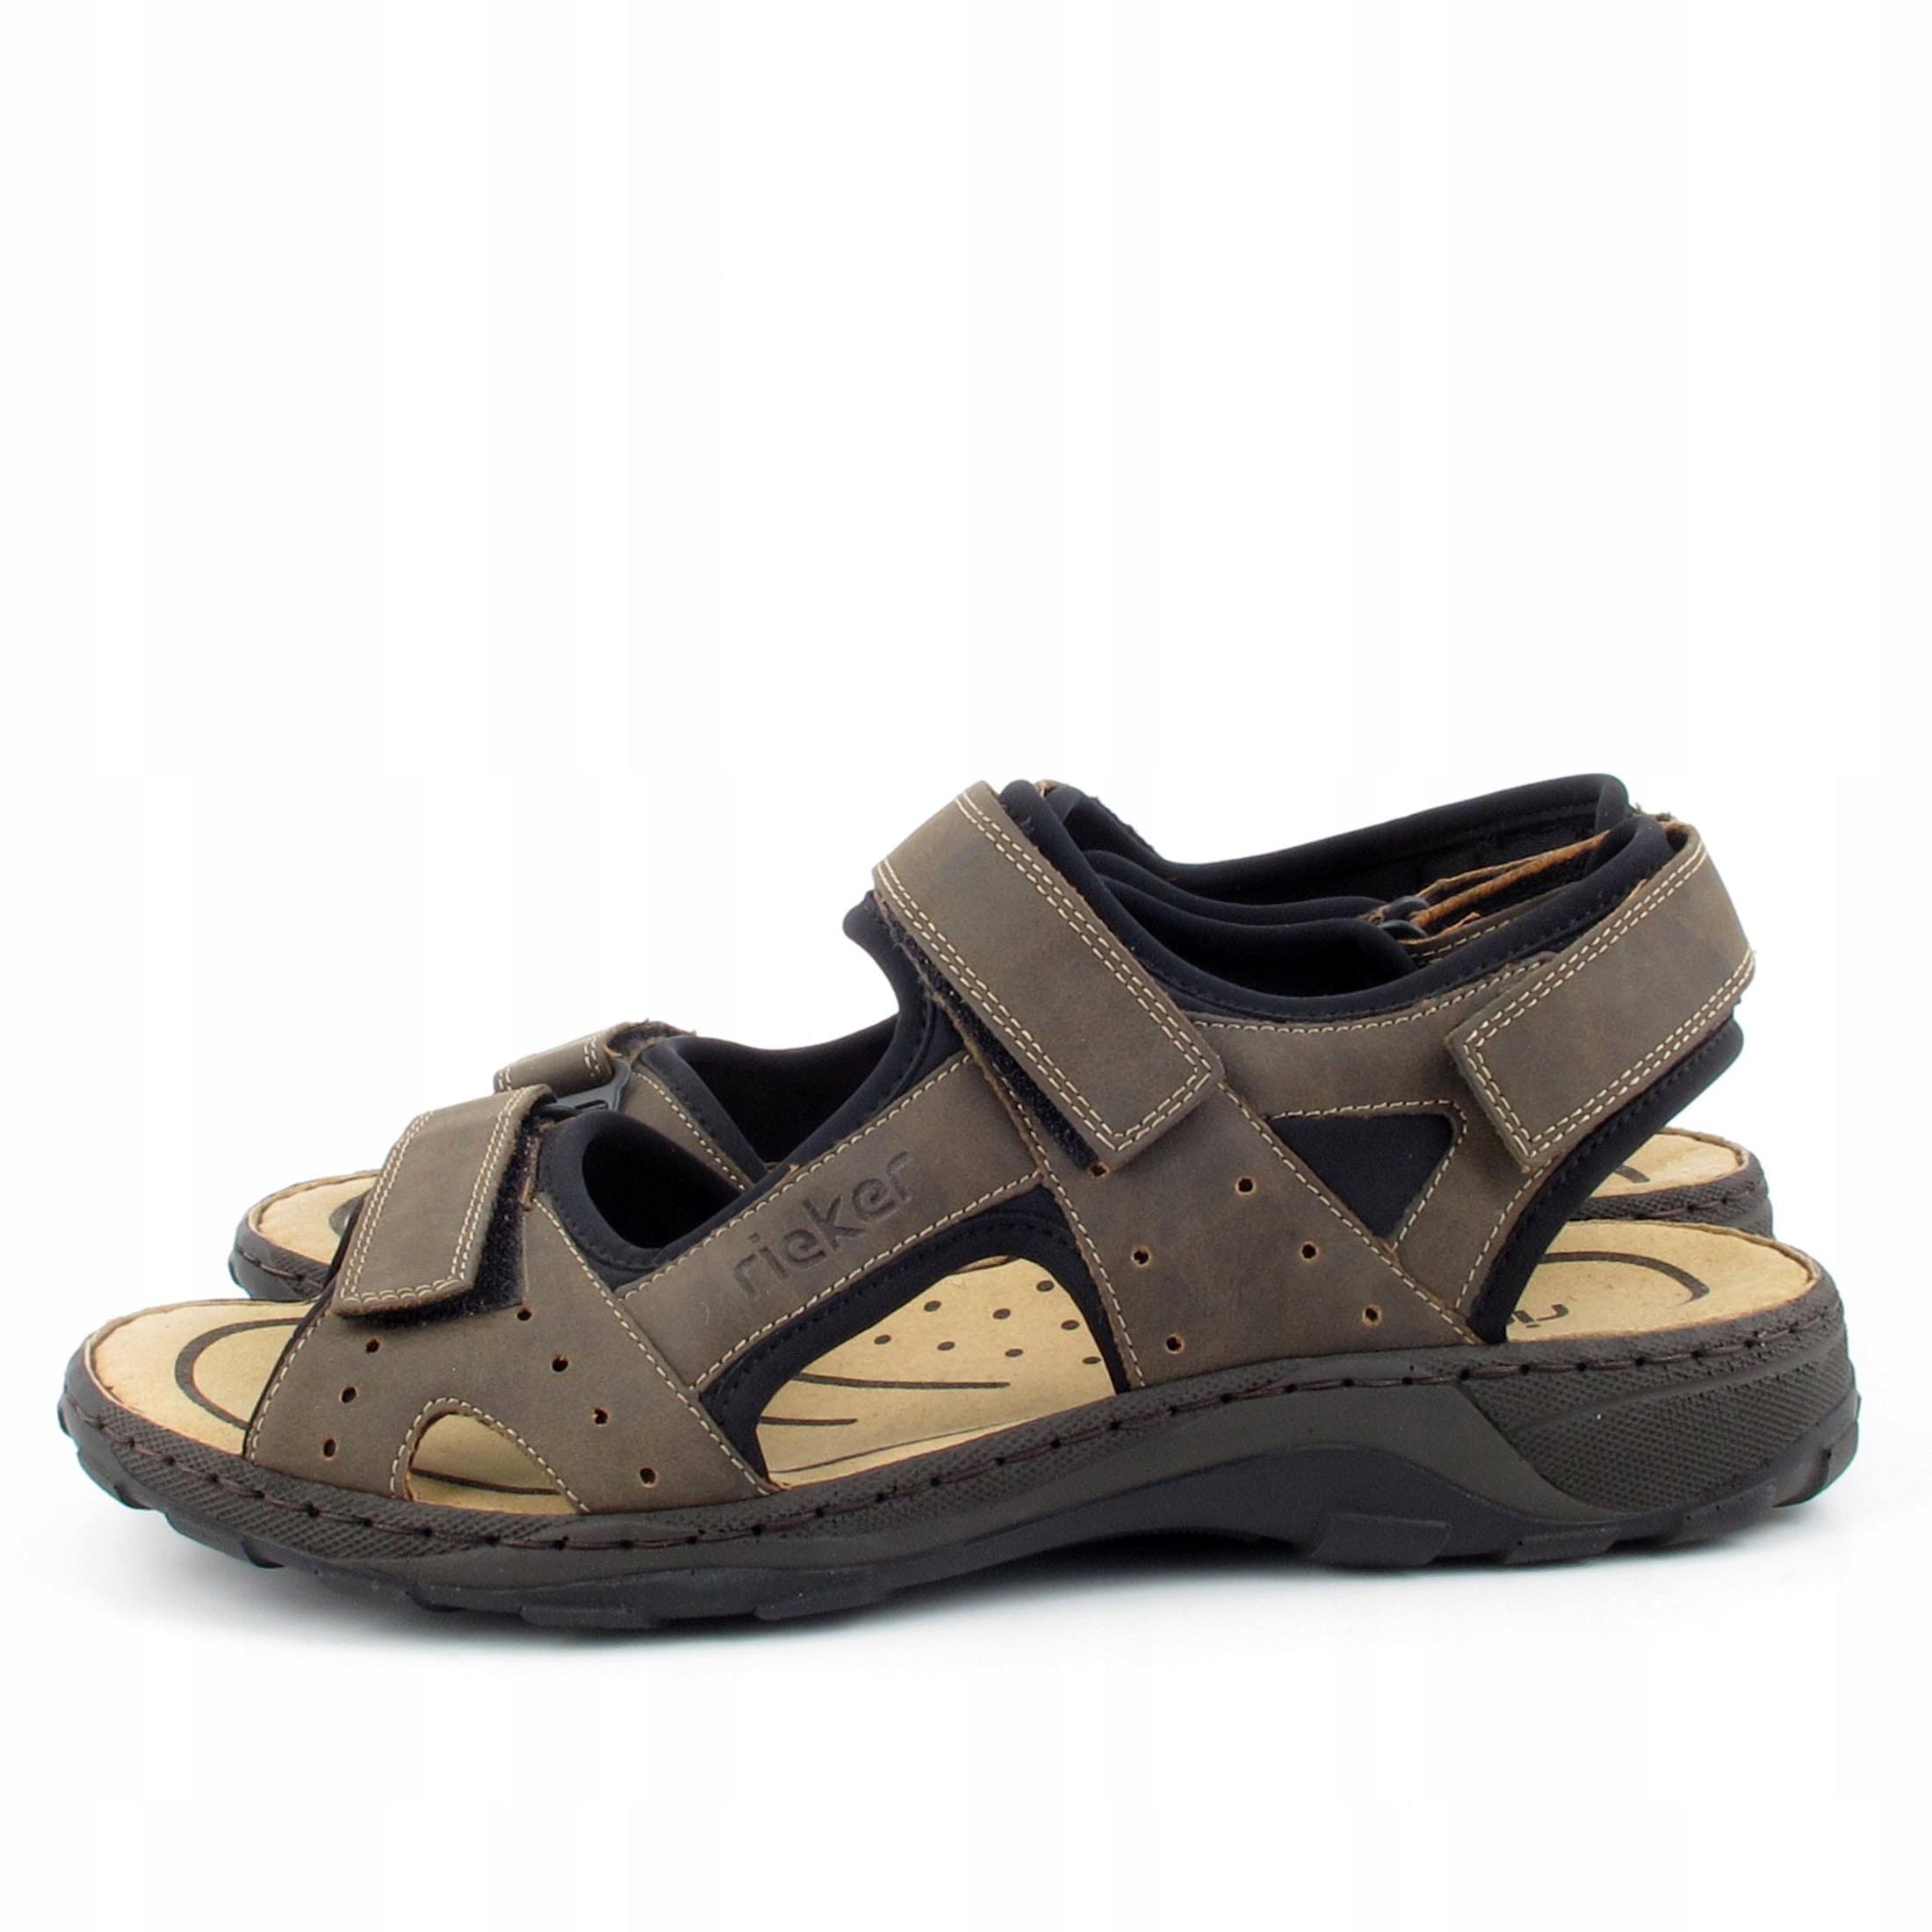 RIEKER 26062 brązowe sandały rozm 46